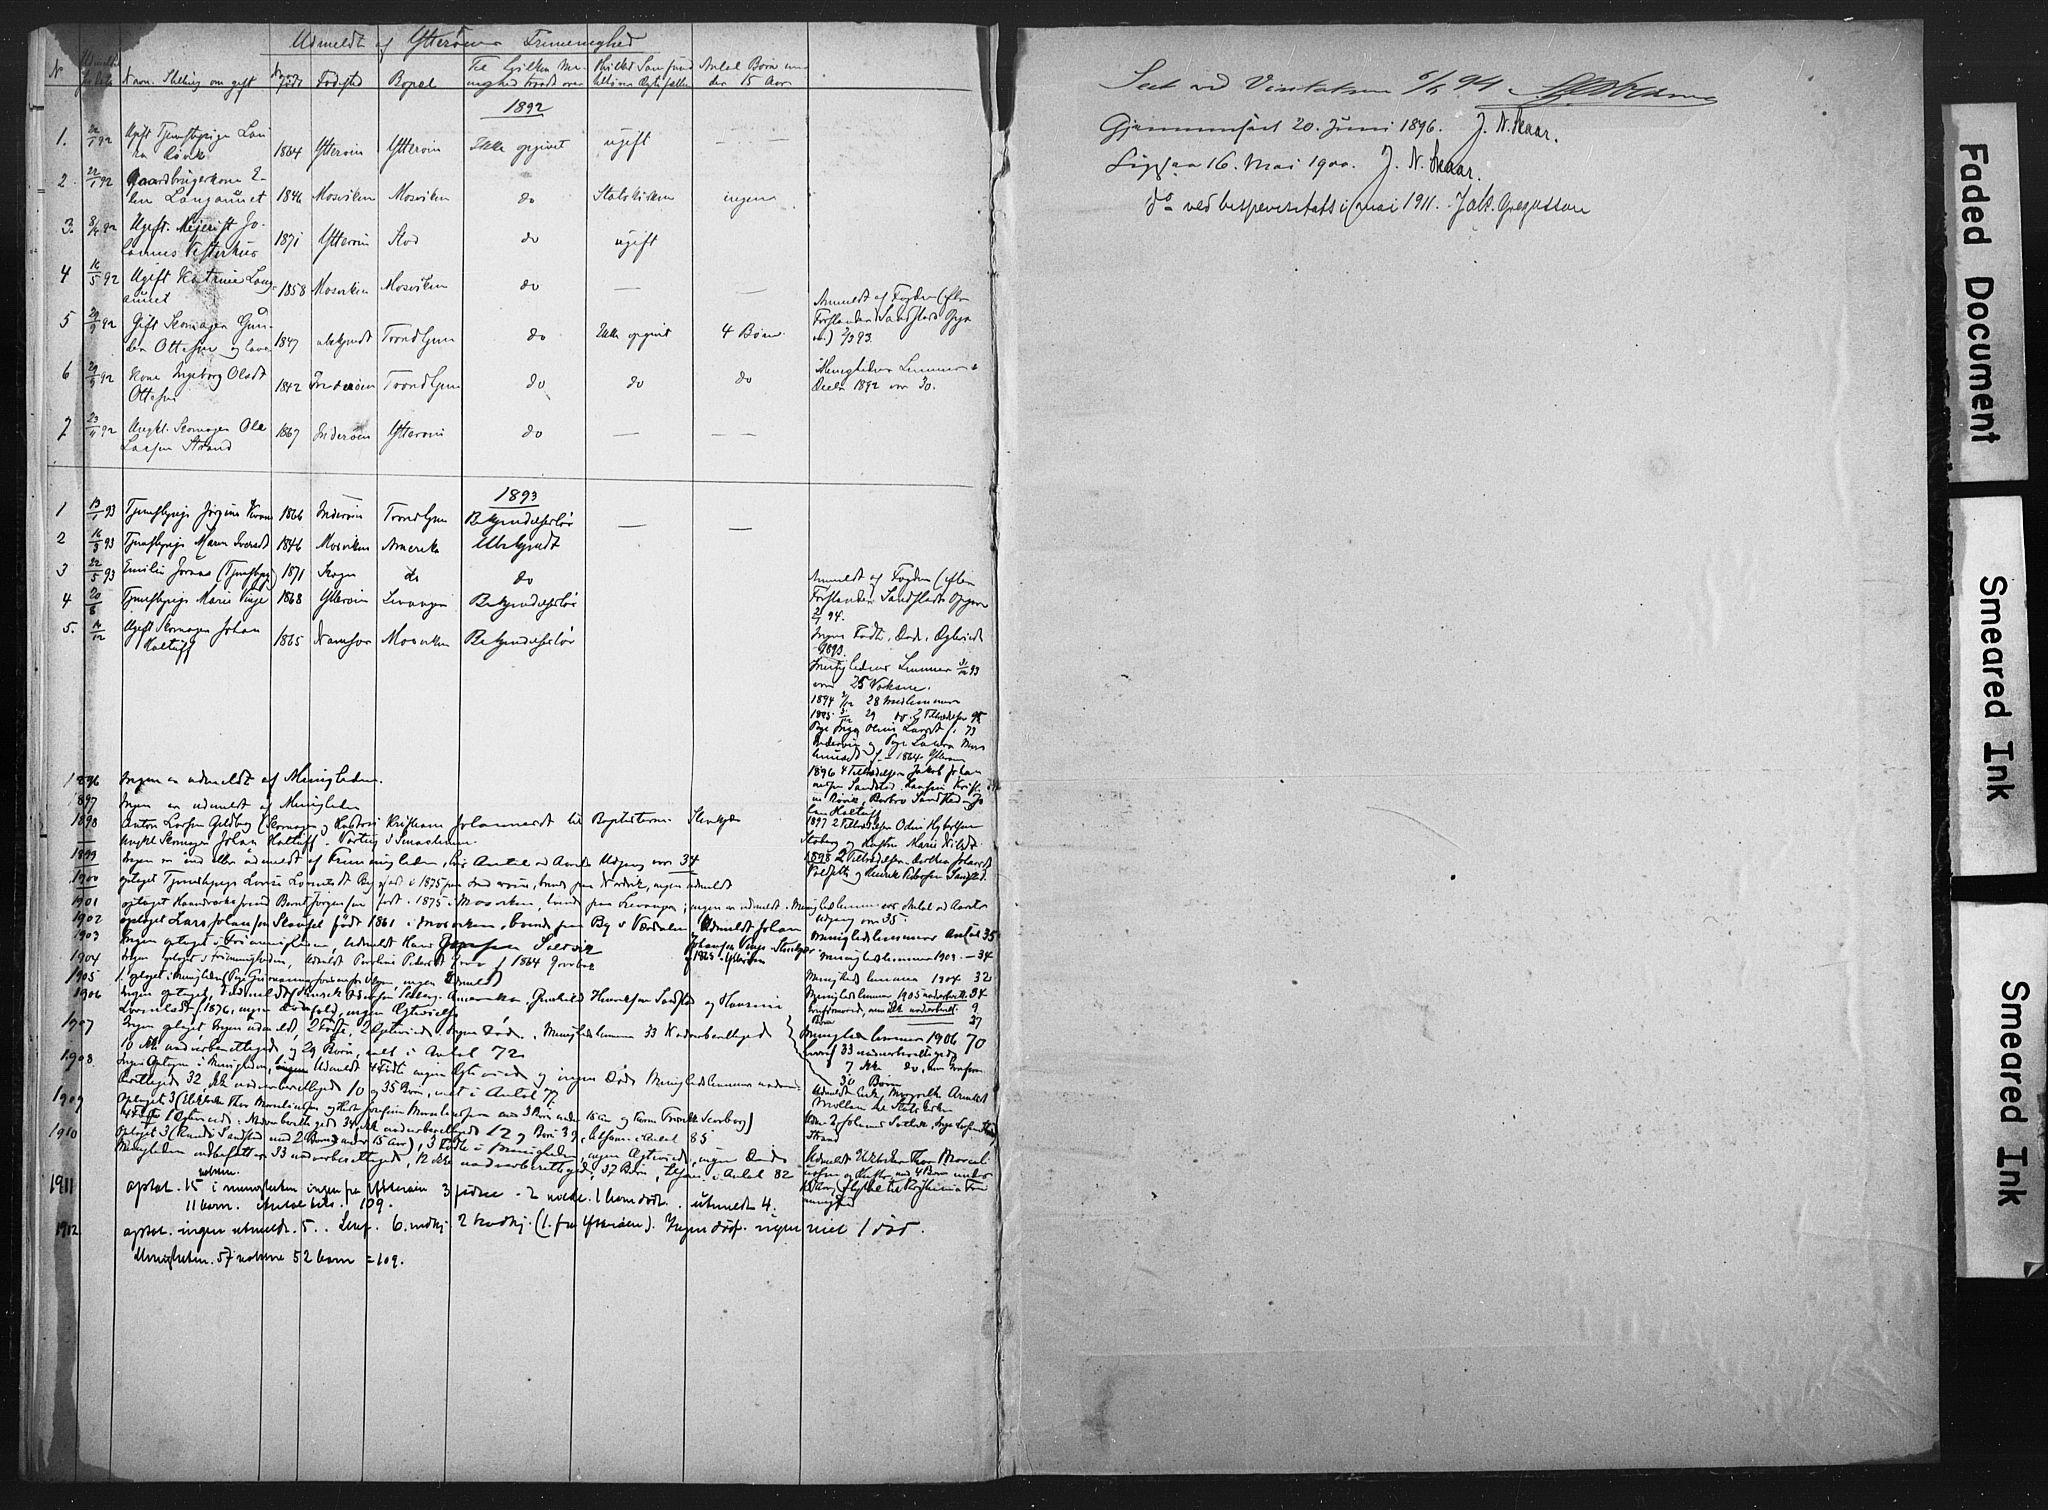 SAT, Ministerialprotokoller, klokkerbøker og fødselsregistre - Nord-Trøndelag, 722/L0221: Dissenterprotokoll nr. 722A08, 1888-1912